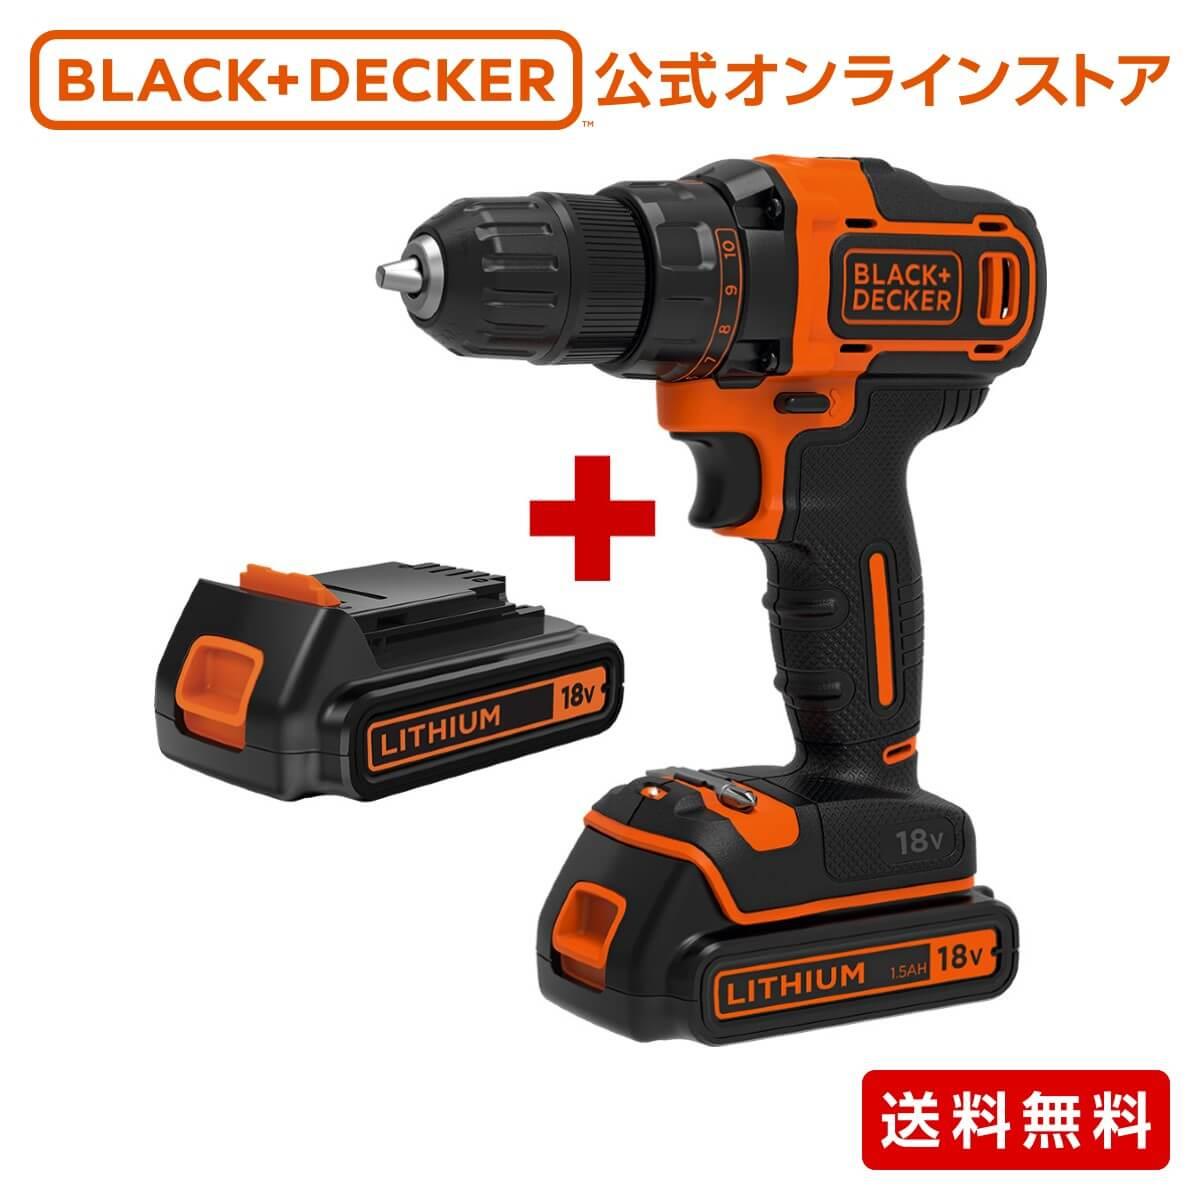 ブラックアンドデッカー (公式) BDCDD186K2 18Vリチウム コードレスドリルドライバー 正規品